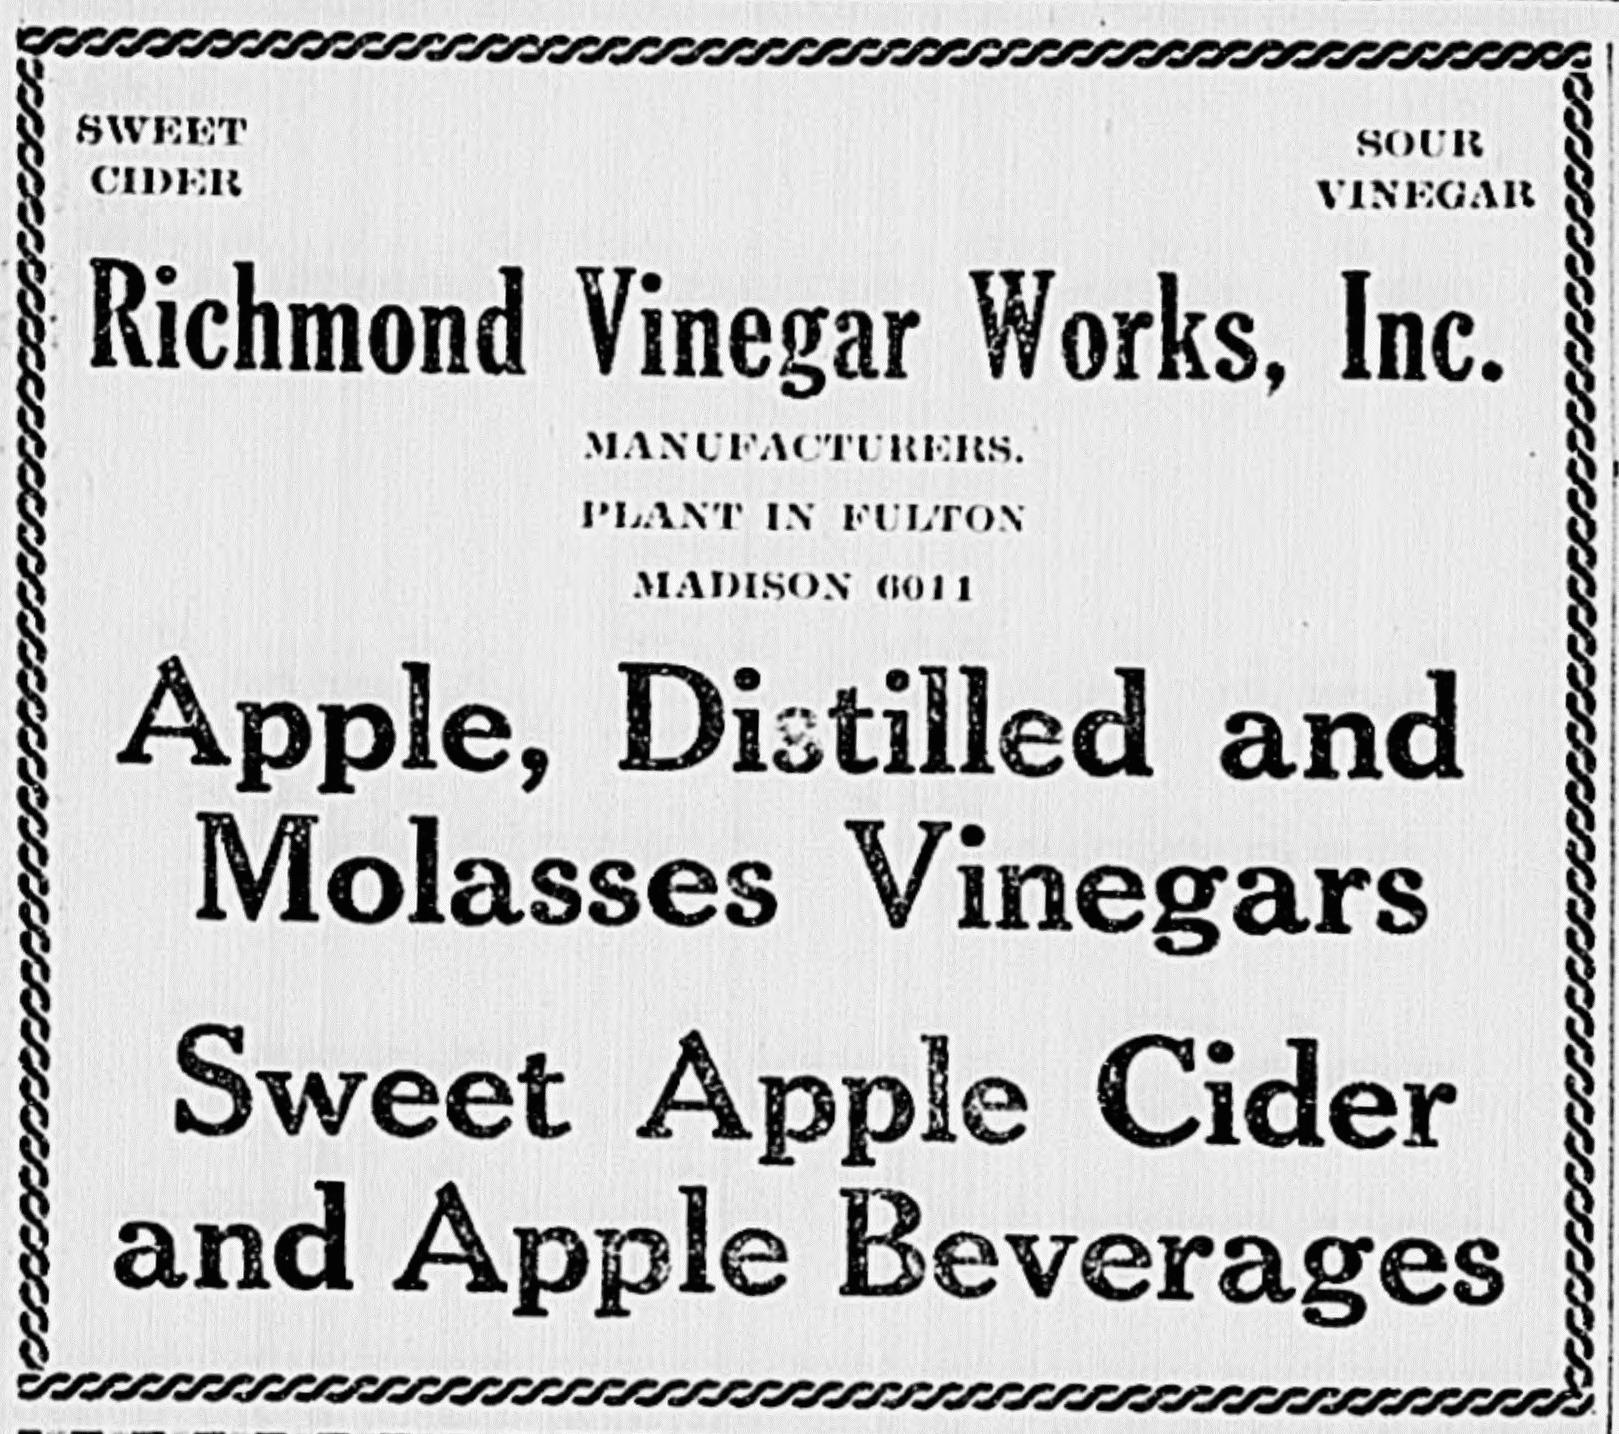 richmond vinegar works